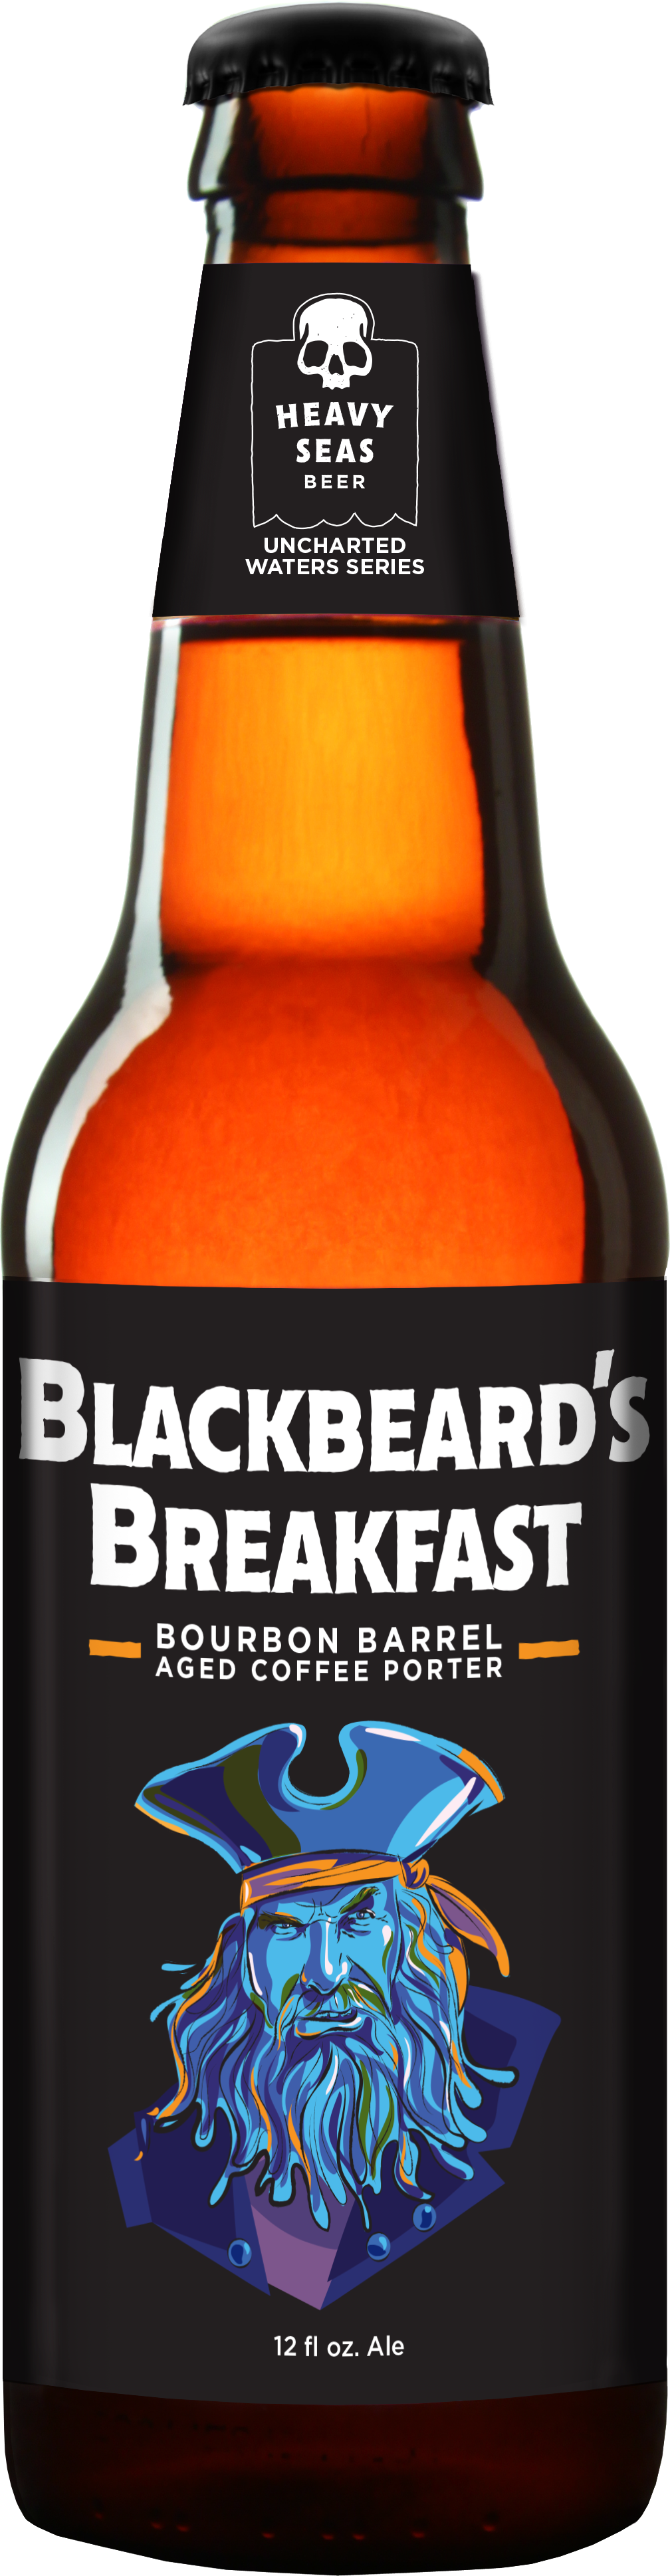 BlackbeardsBreakfast12ozBottle2019